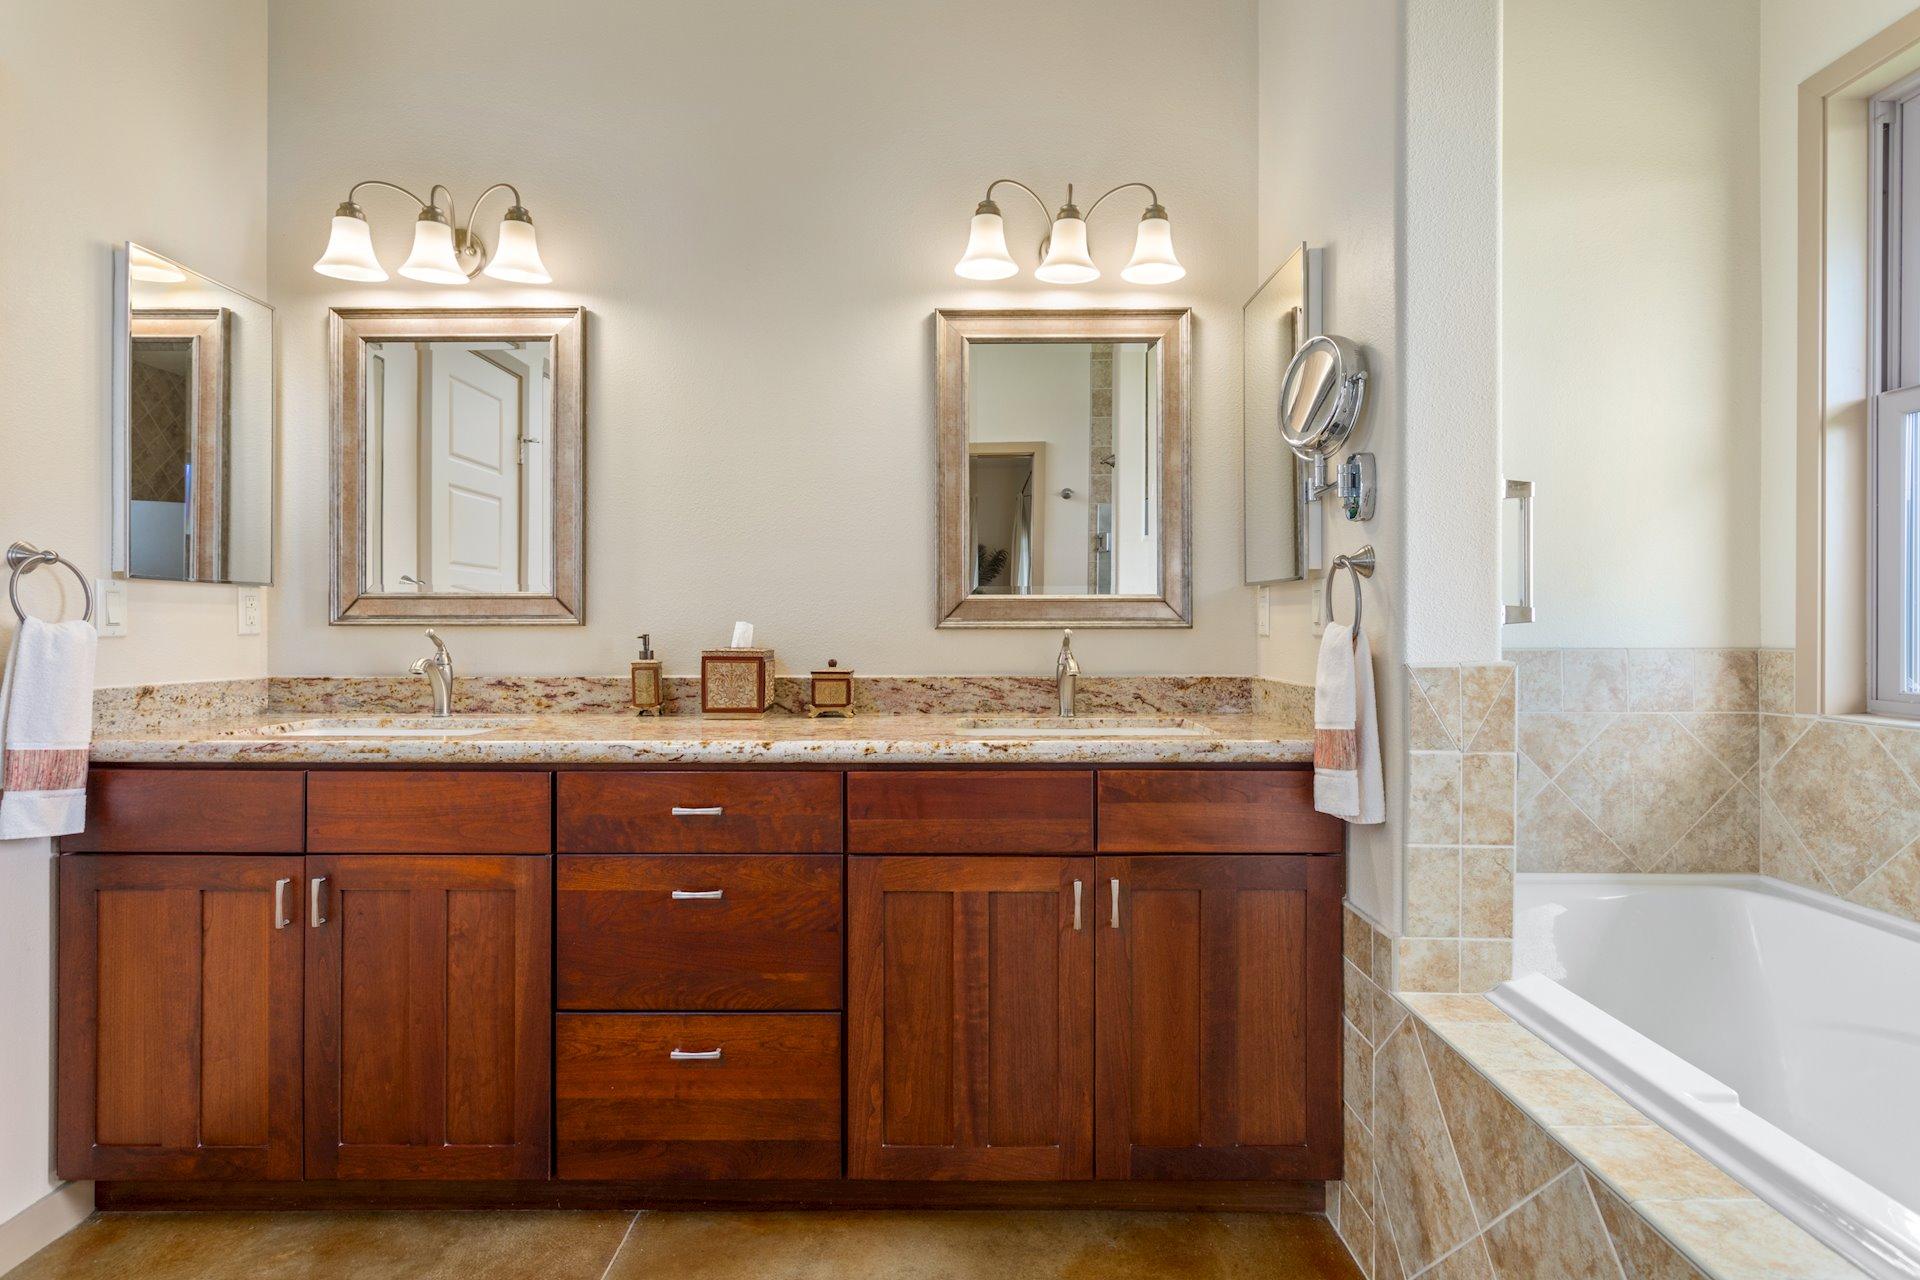 Dual vanity